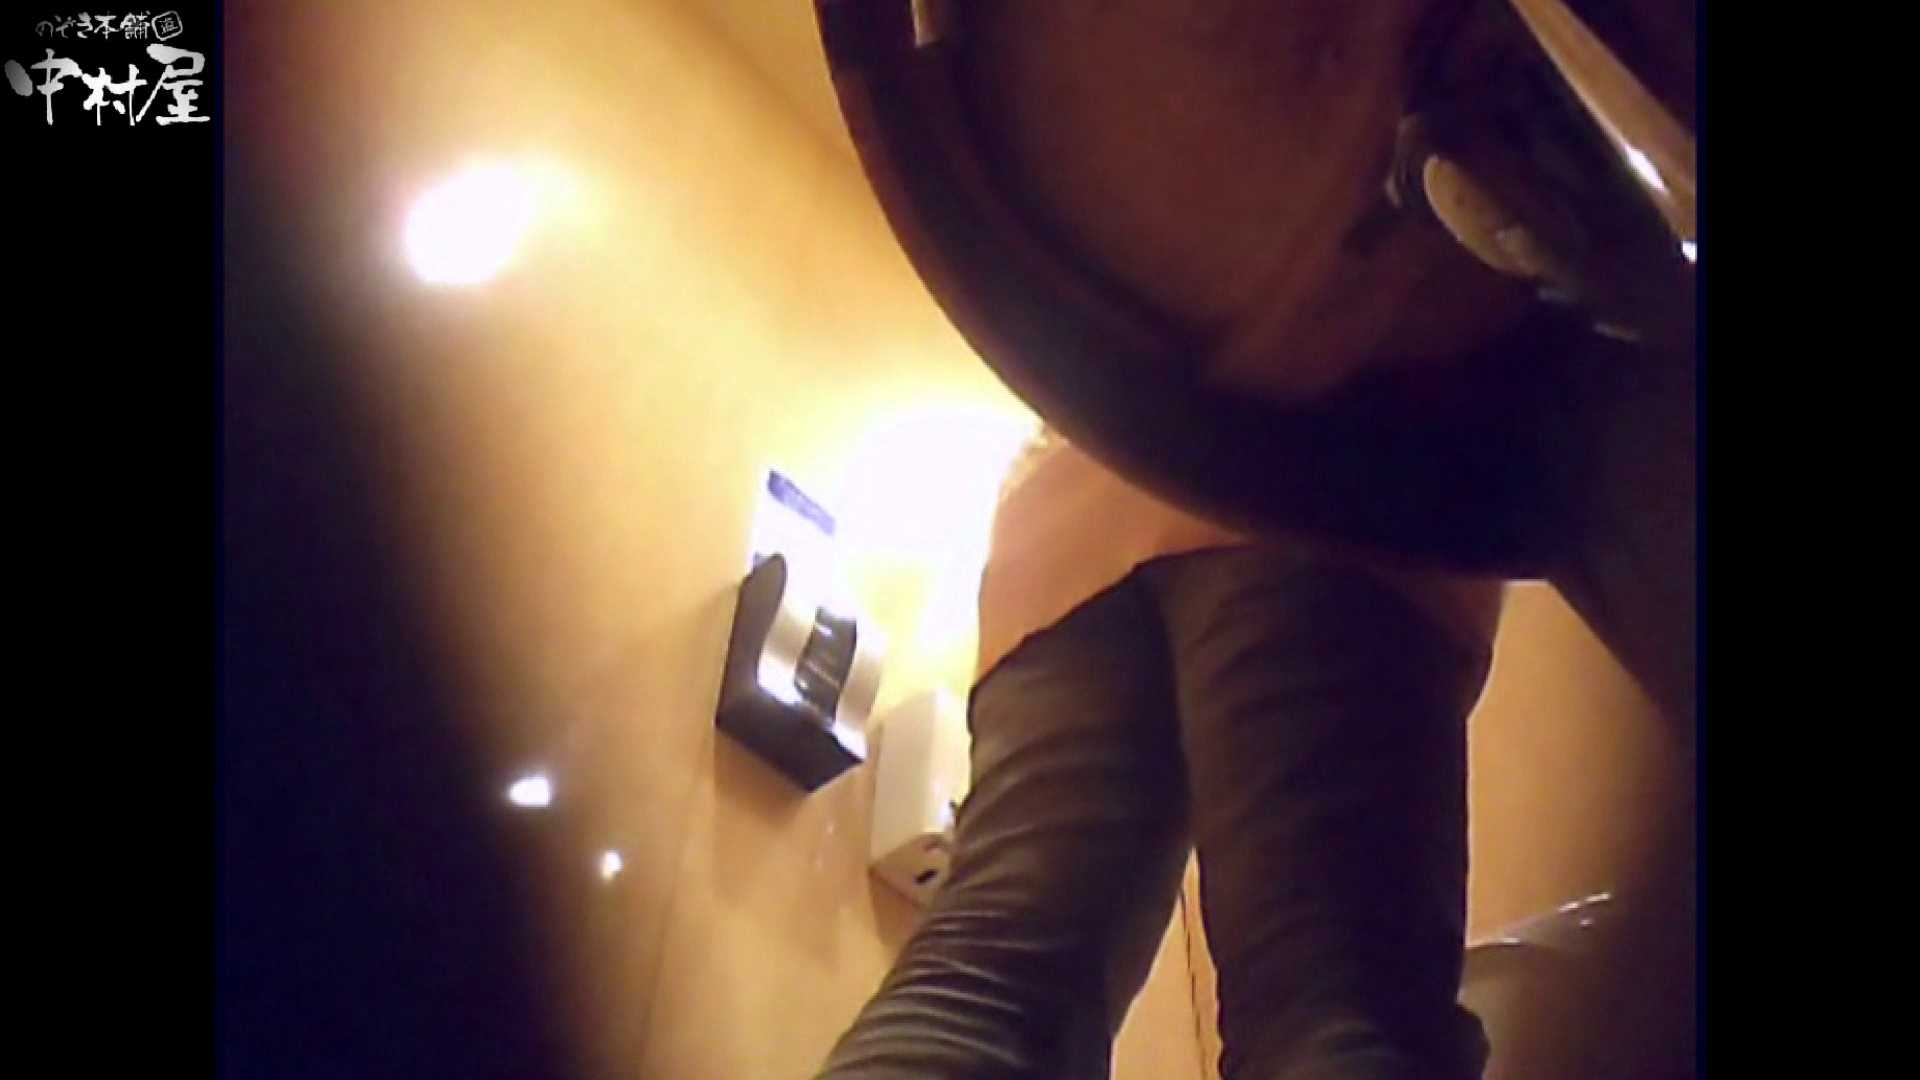 ガチ盗撮!突撃!女子化粧室の真実~セカンドシーズン~vo.05 熟女丸裸 | 盗撮師作品  107pic 9